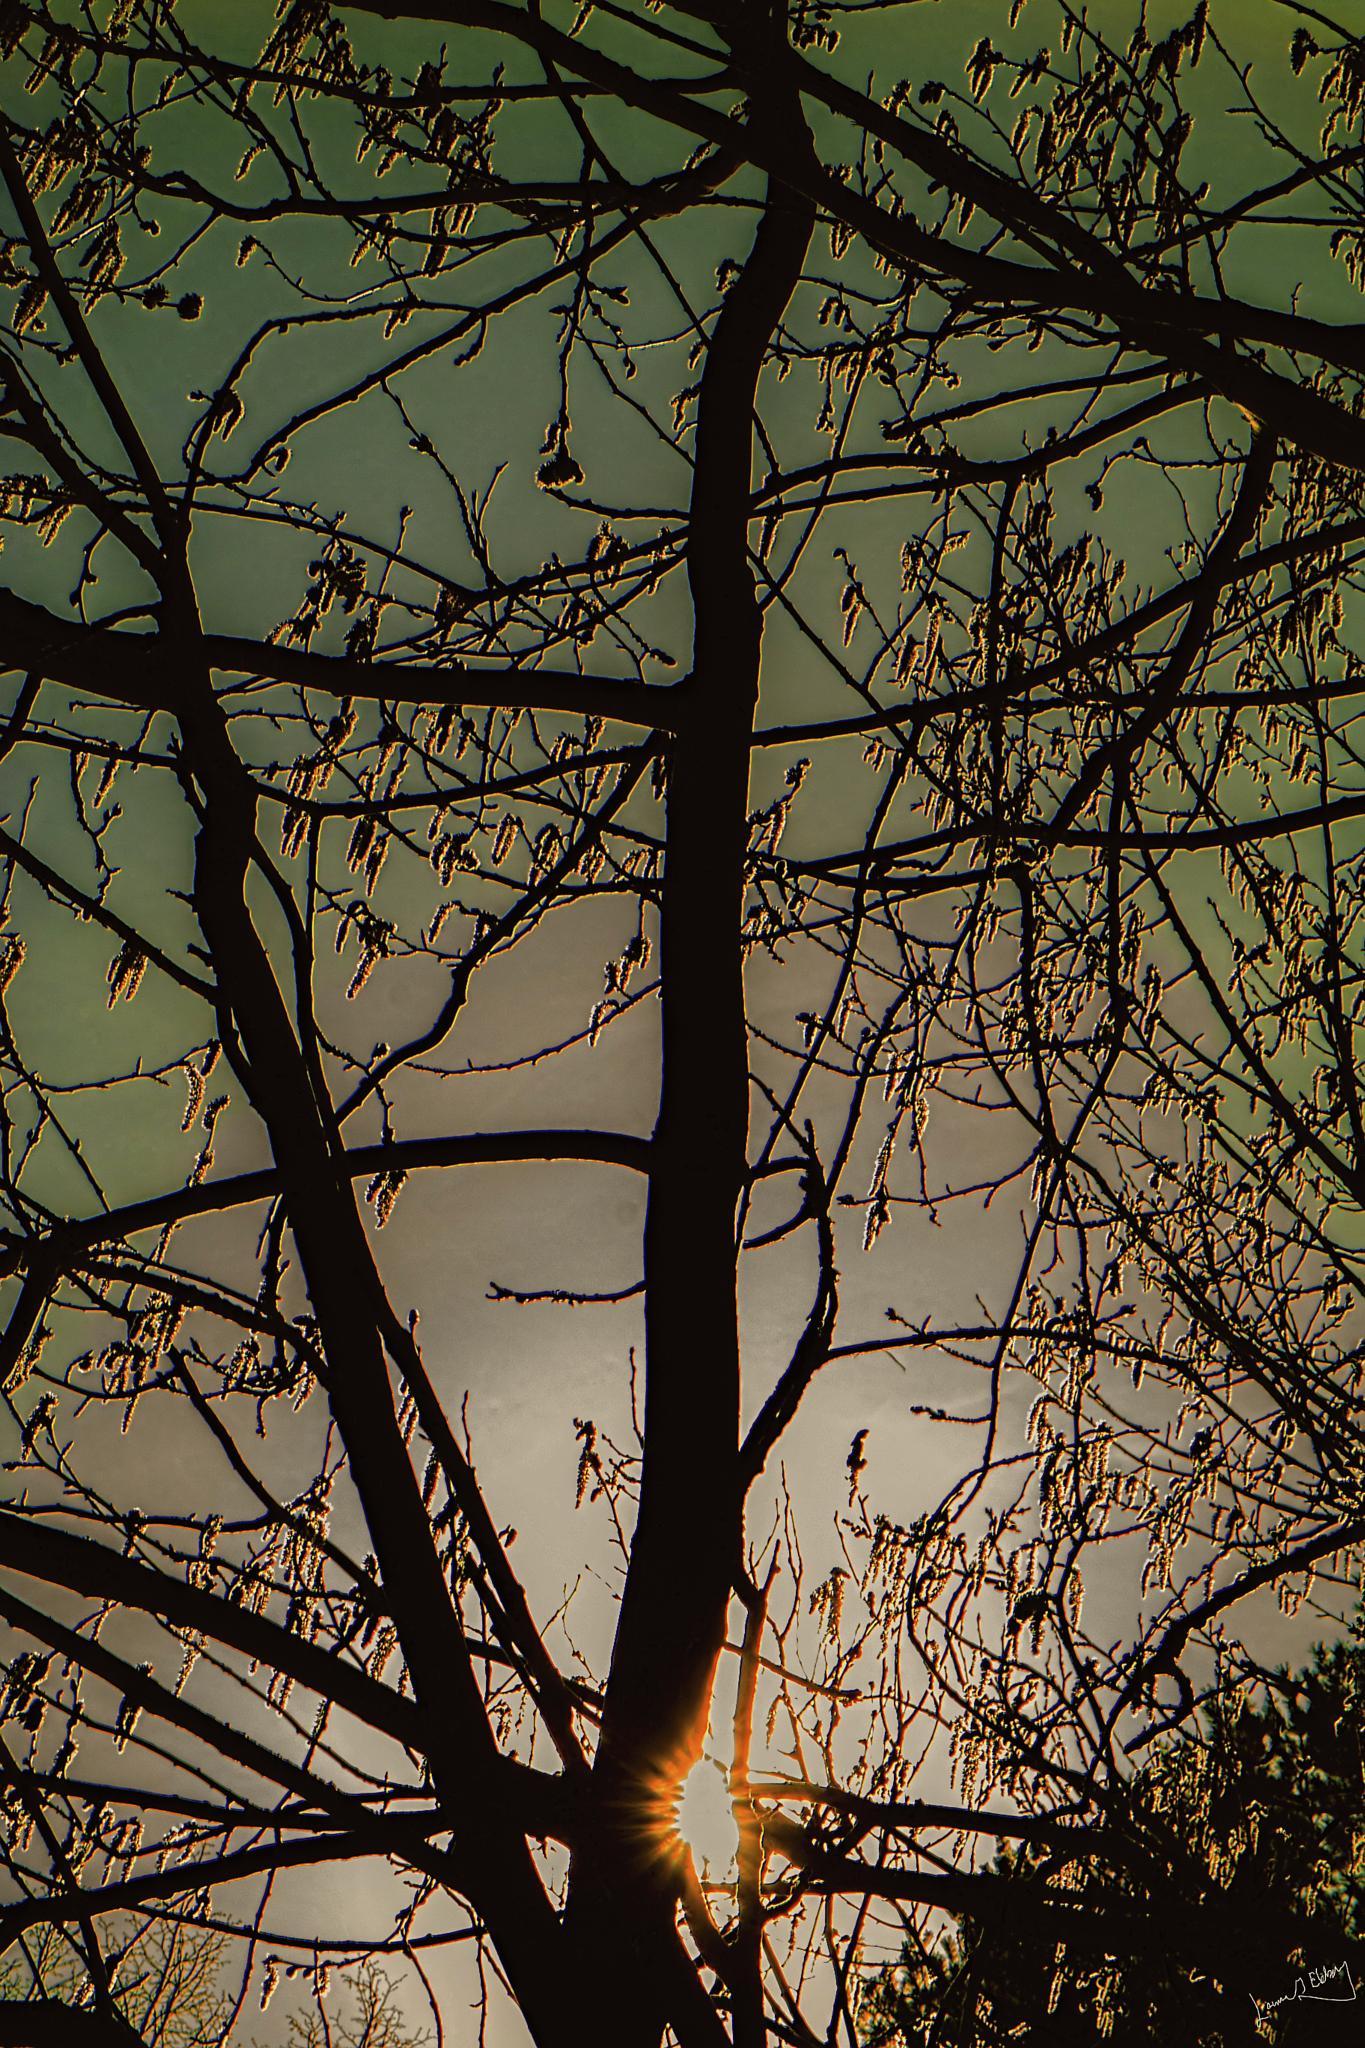 Sallow-tree I by lennart.ekberg.90